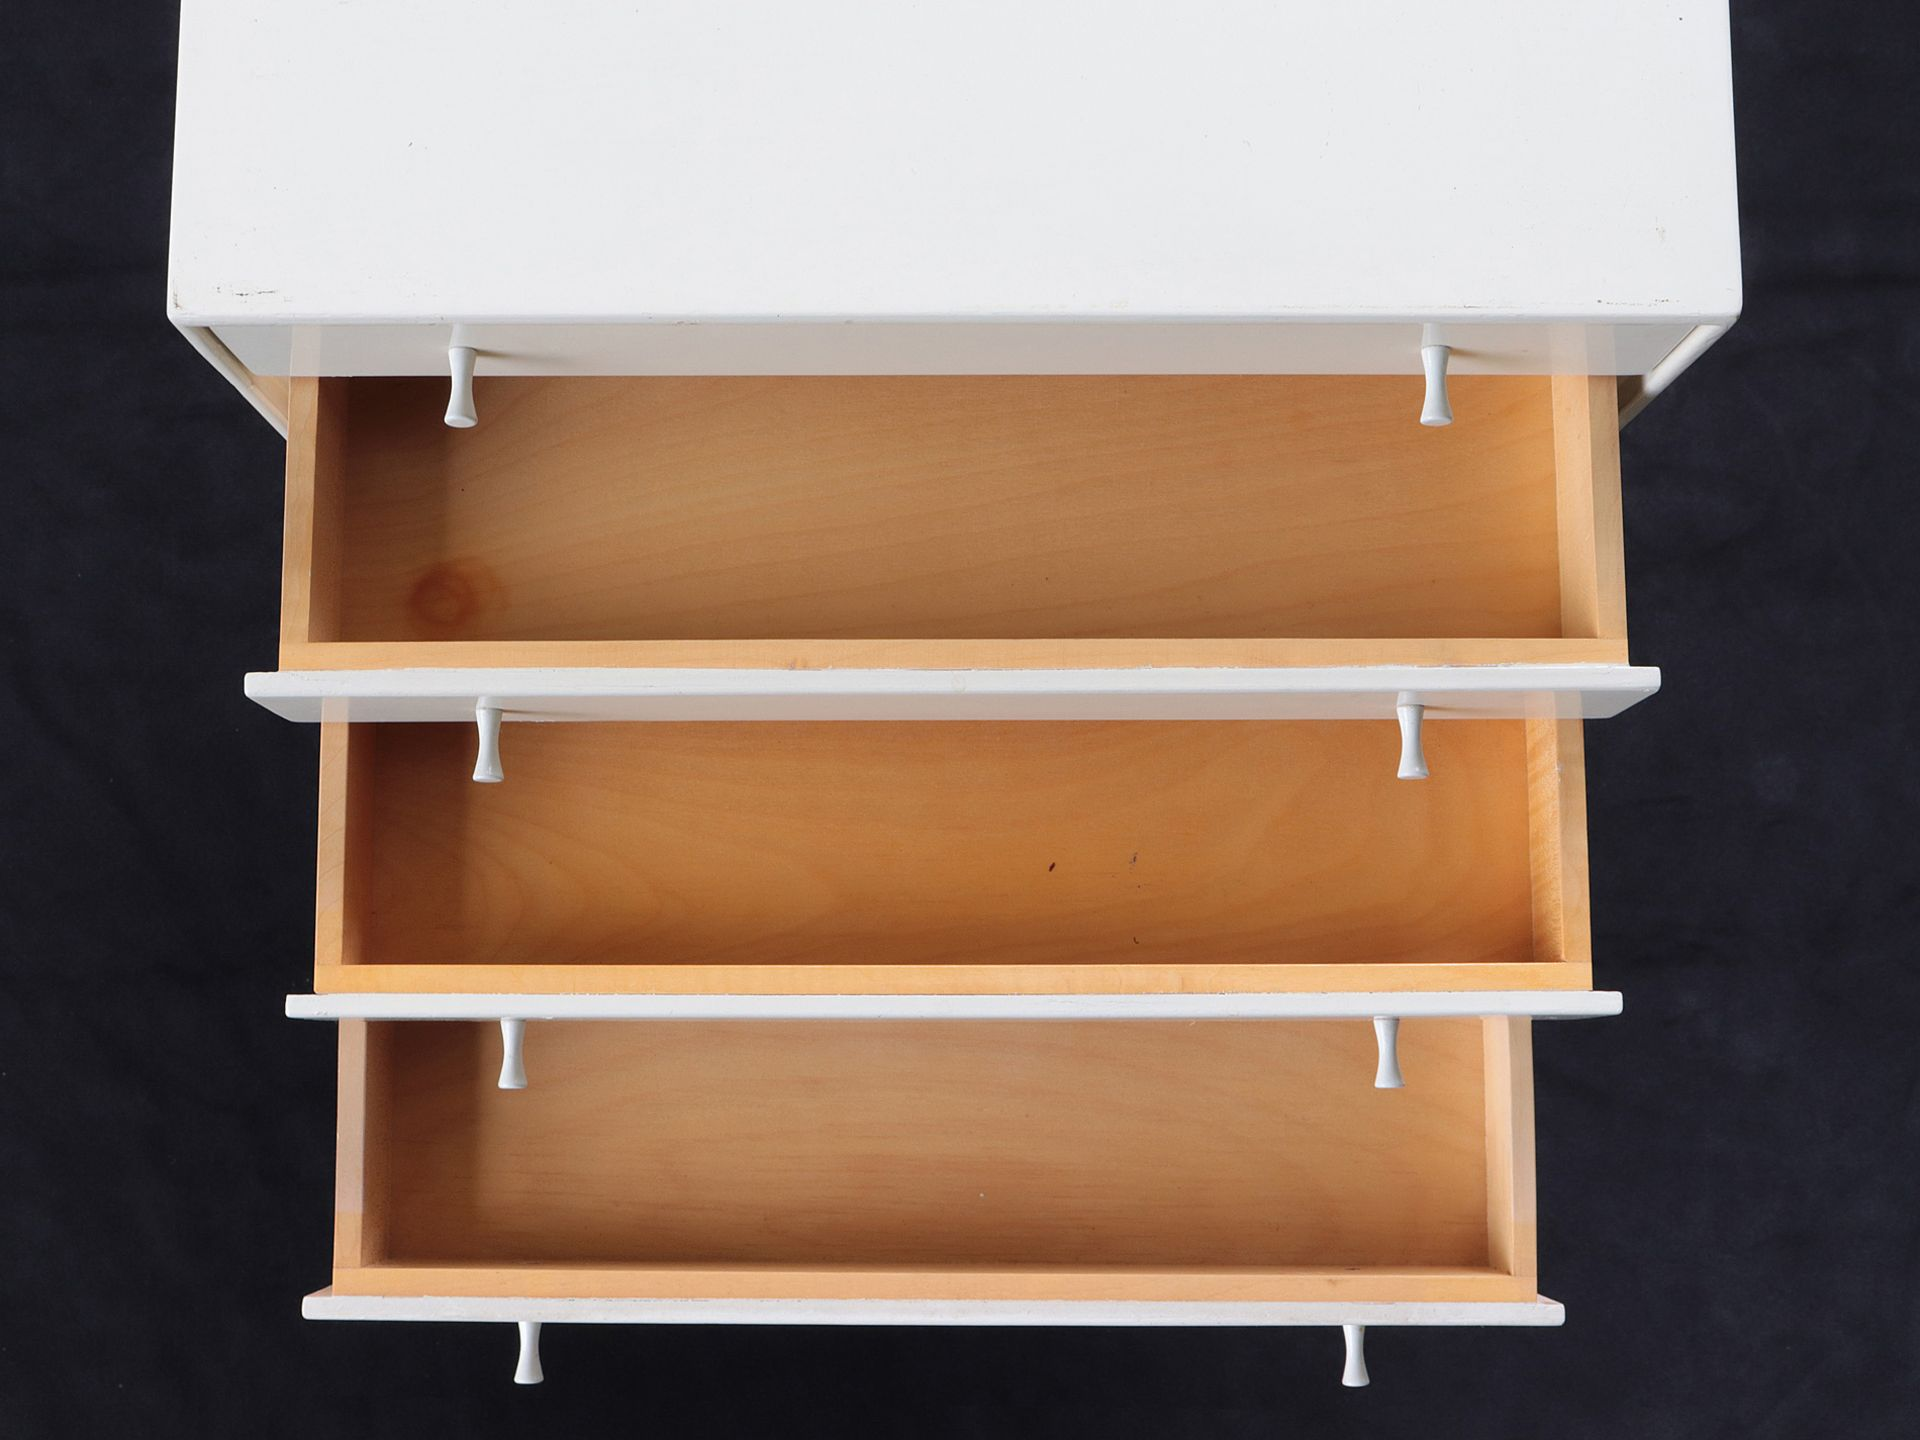 Eames - Beistellschränkchen - Image 8 of 8